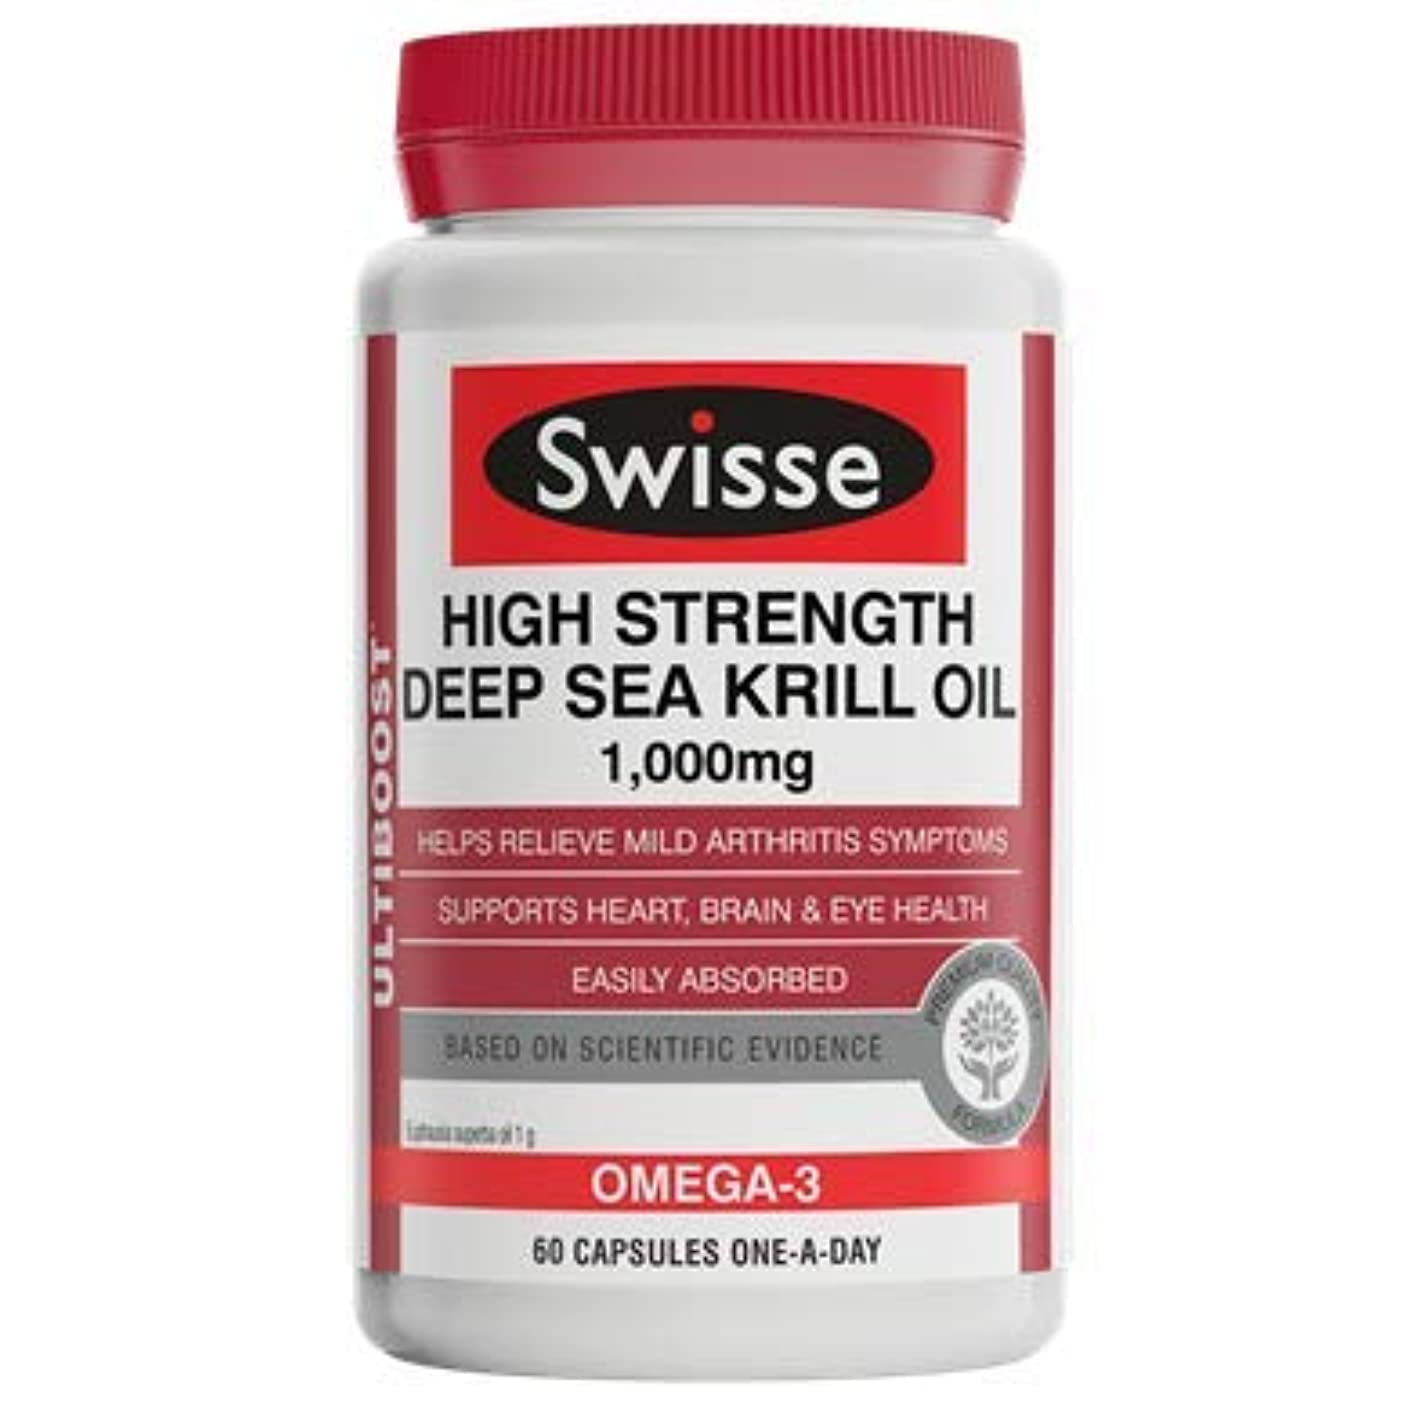 許容サージ因子Swisse アルティブースト 高強度深海オキアミオイル1000mg 60カプセル [海外直送品] [並行輸入品]